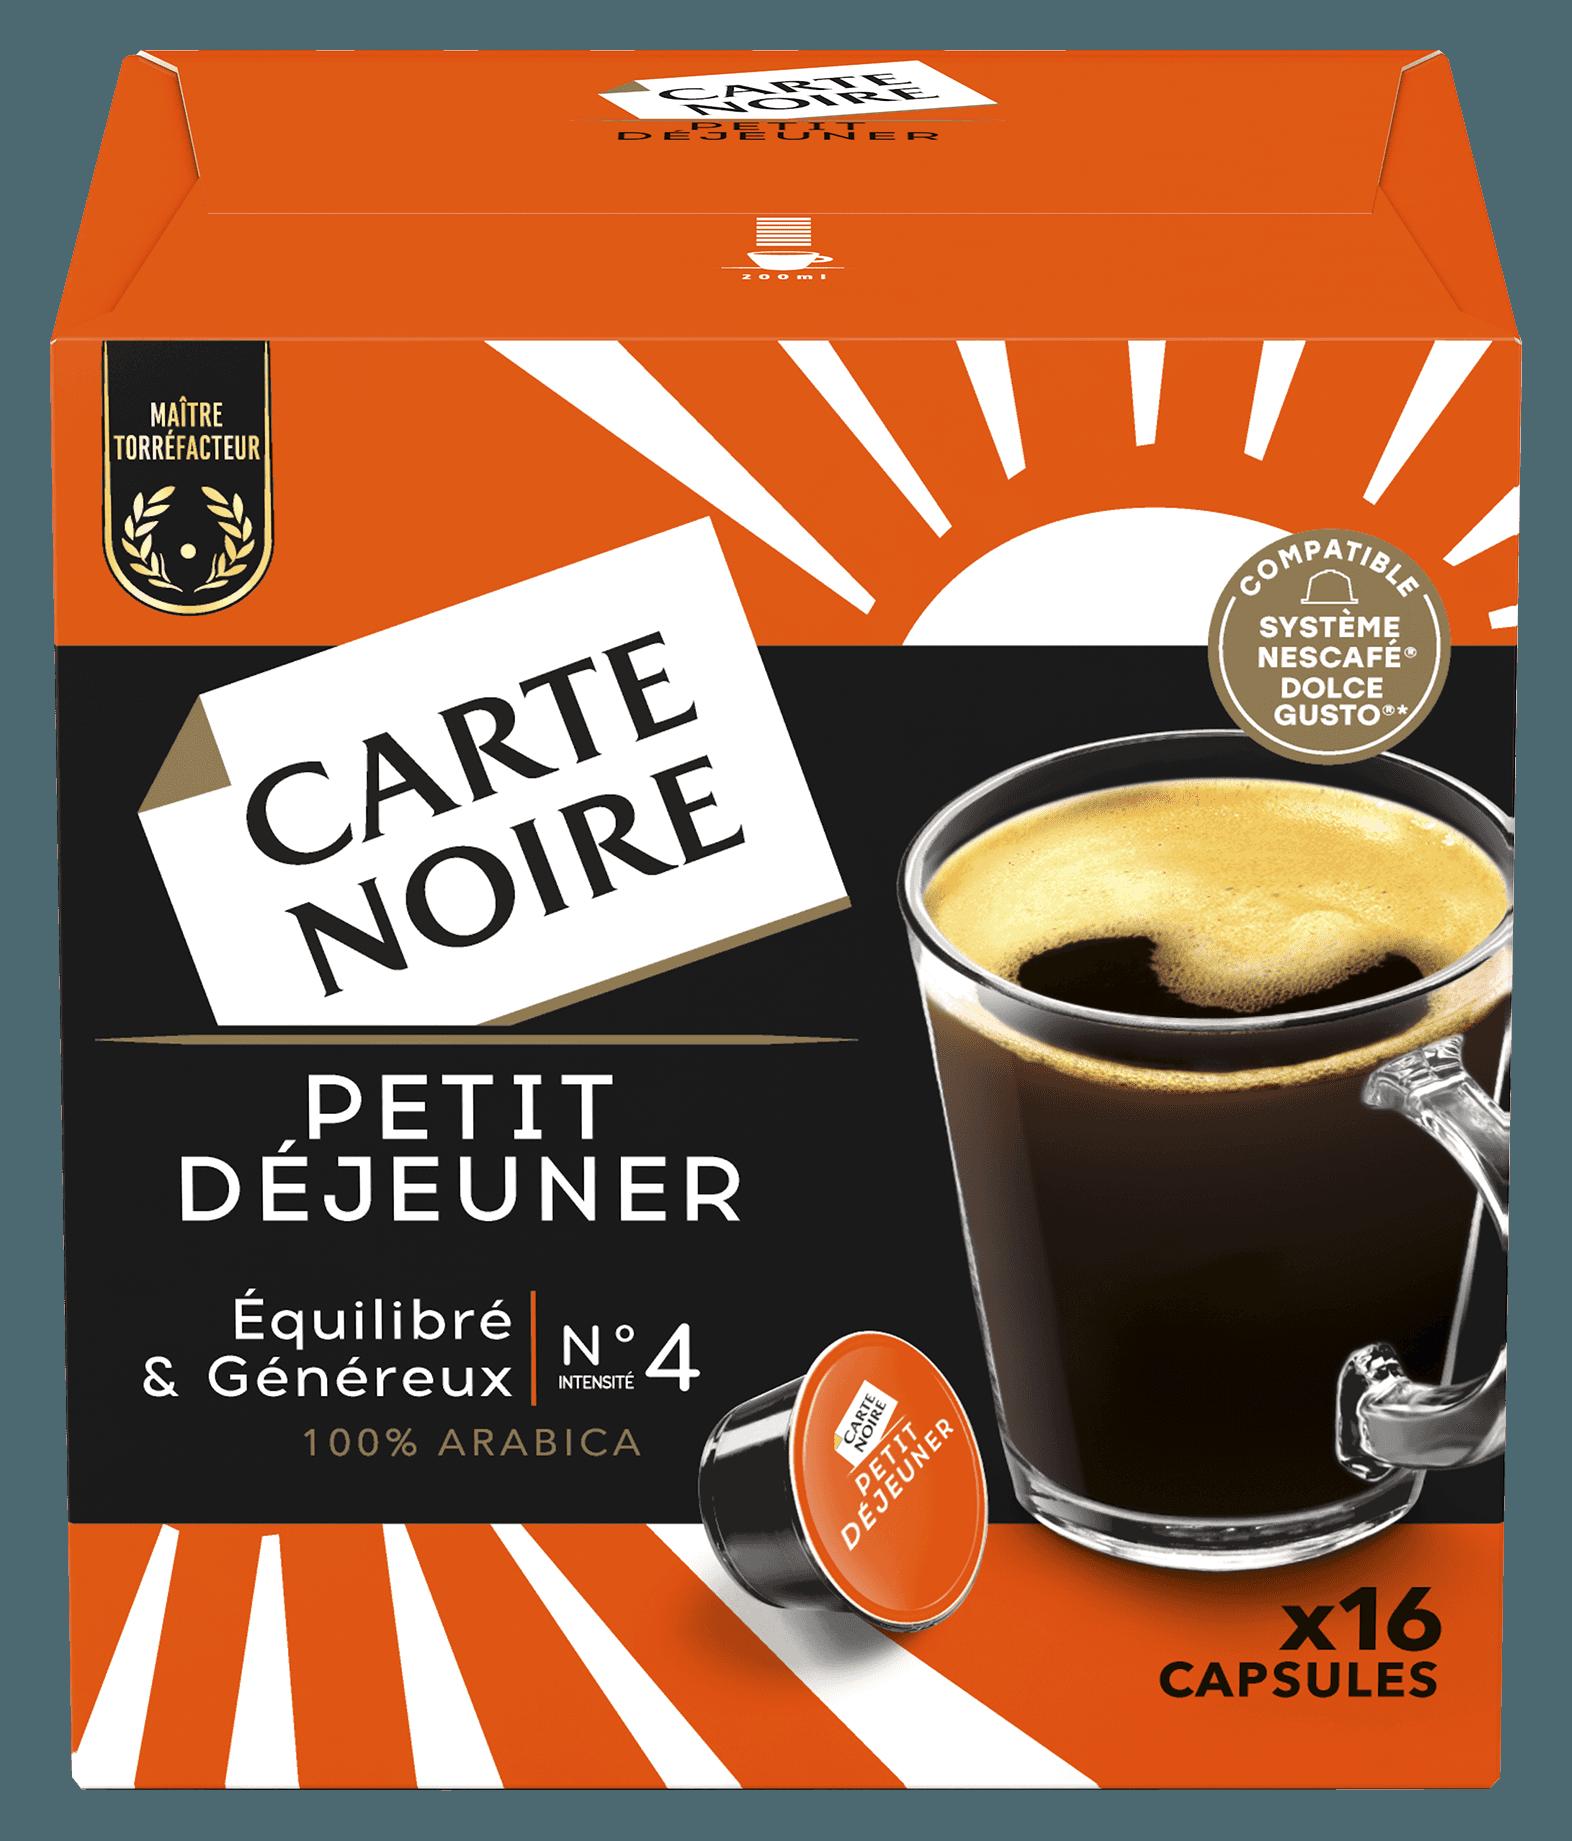 PETIT DEJEUNER x16 - Café torréfié moulu en capsules